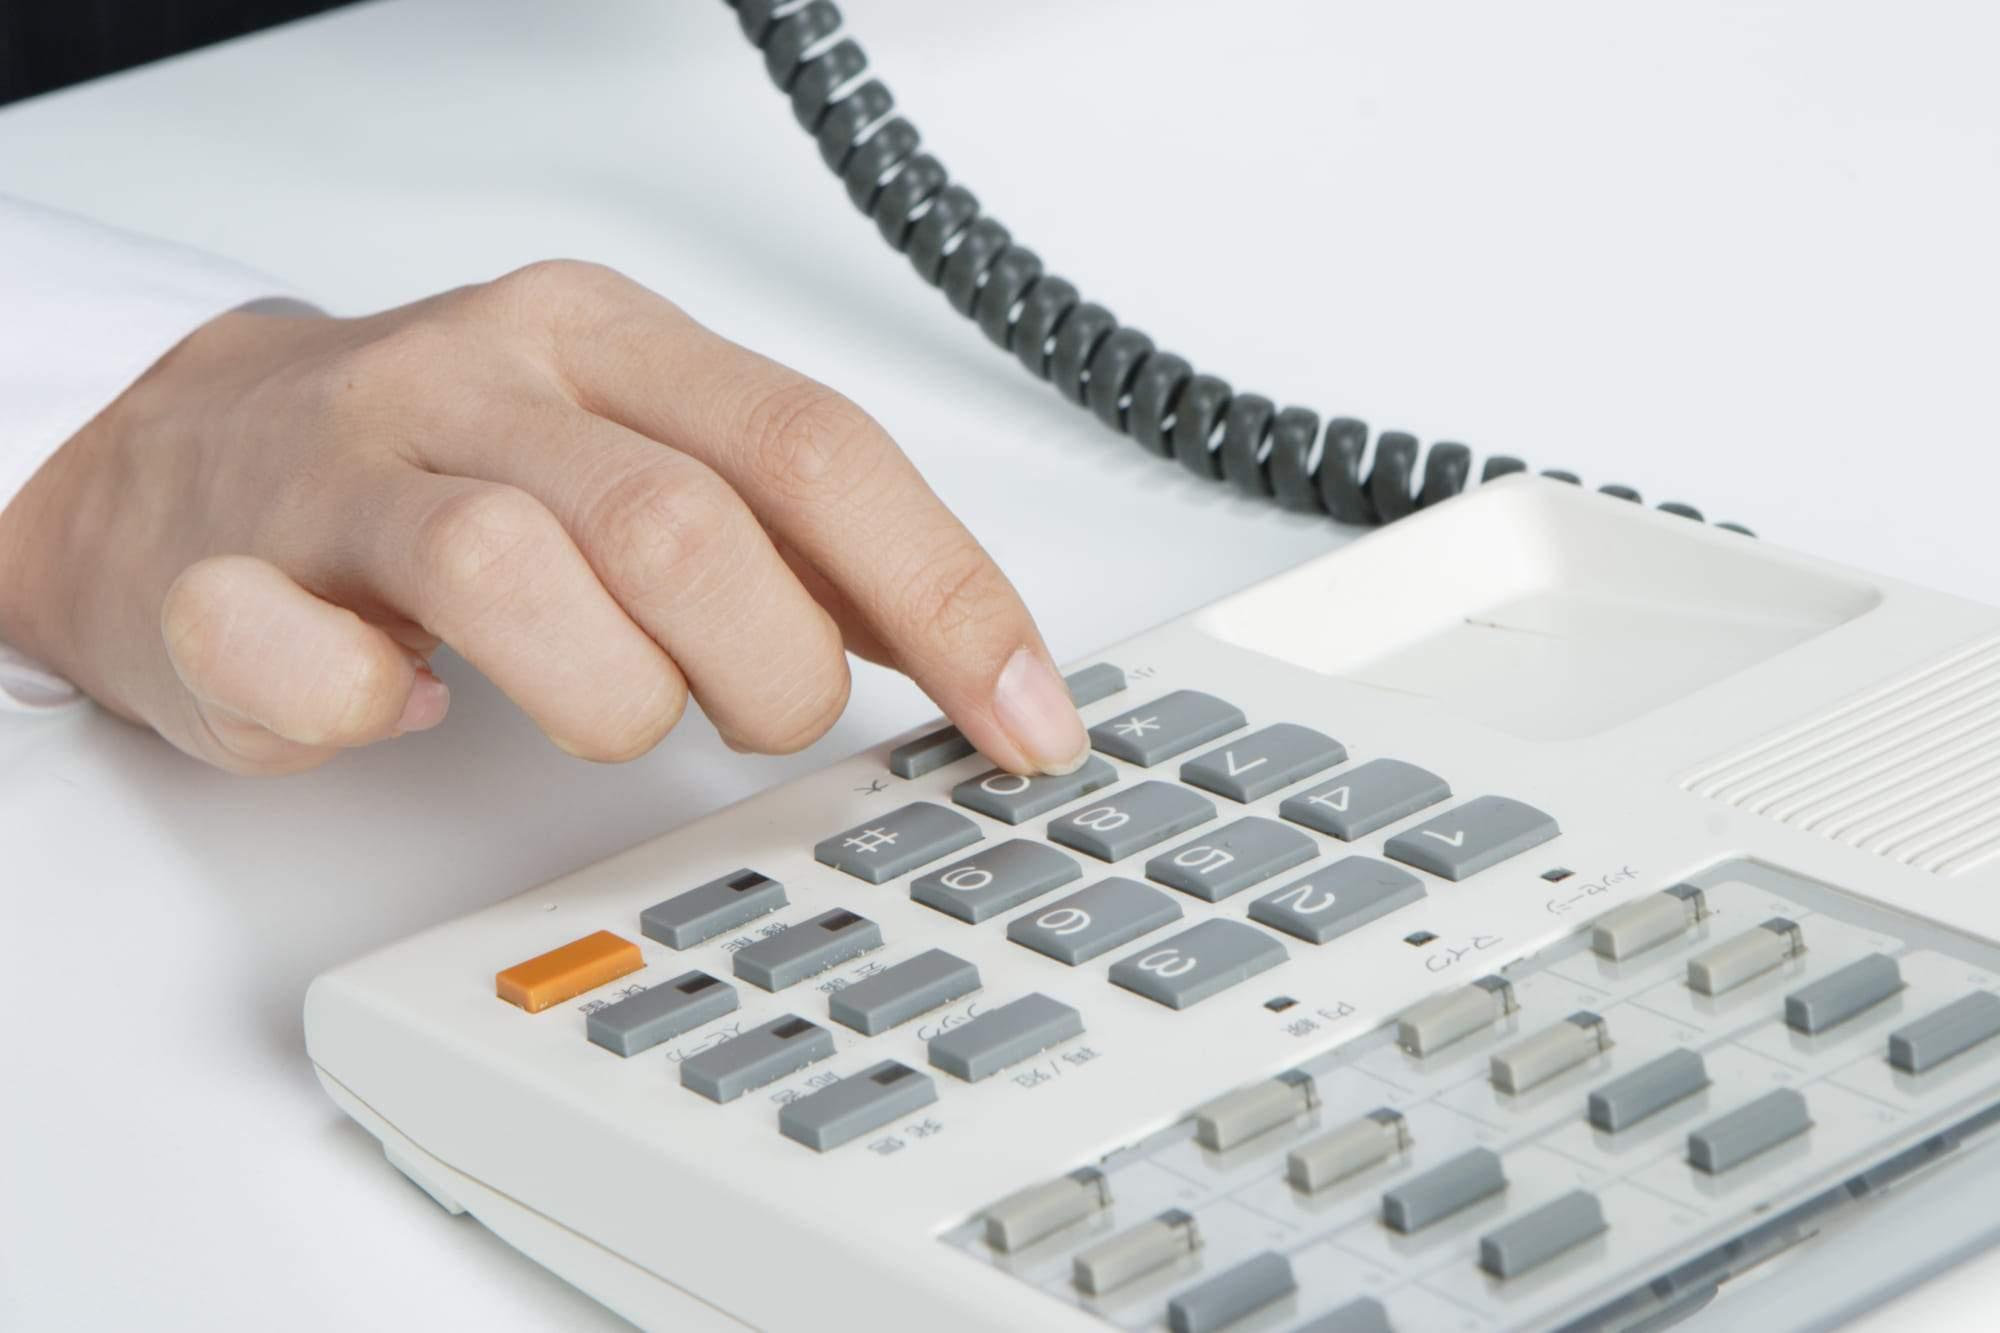 Số tổng đài bảo hiểm Bảo Minh - Kênh giải đáp thông tin miễn phí